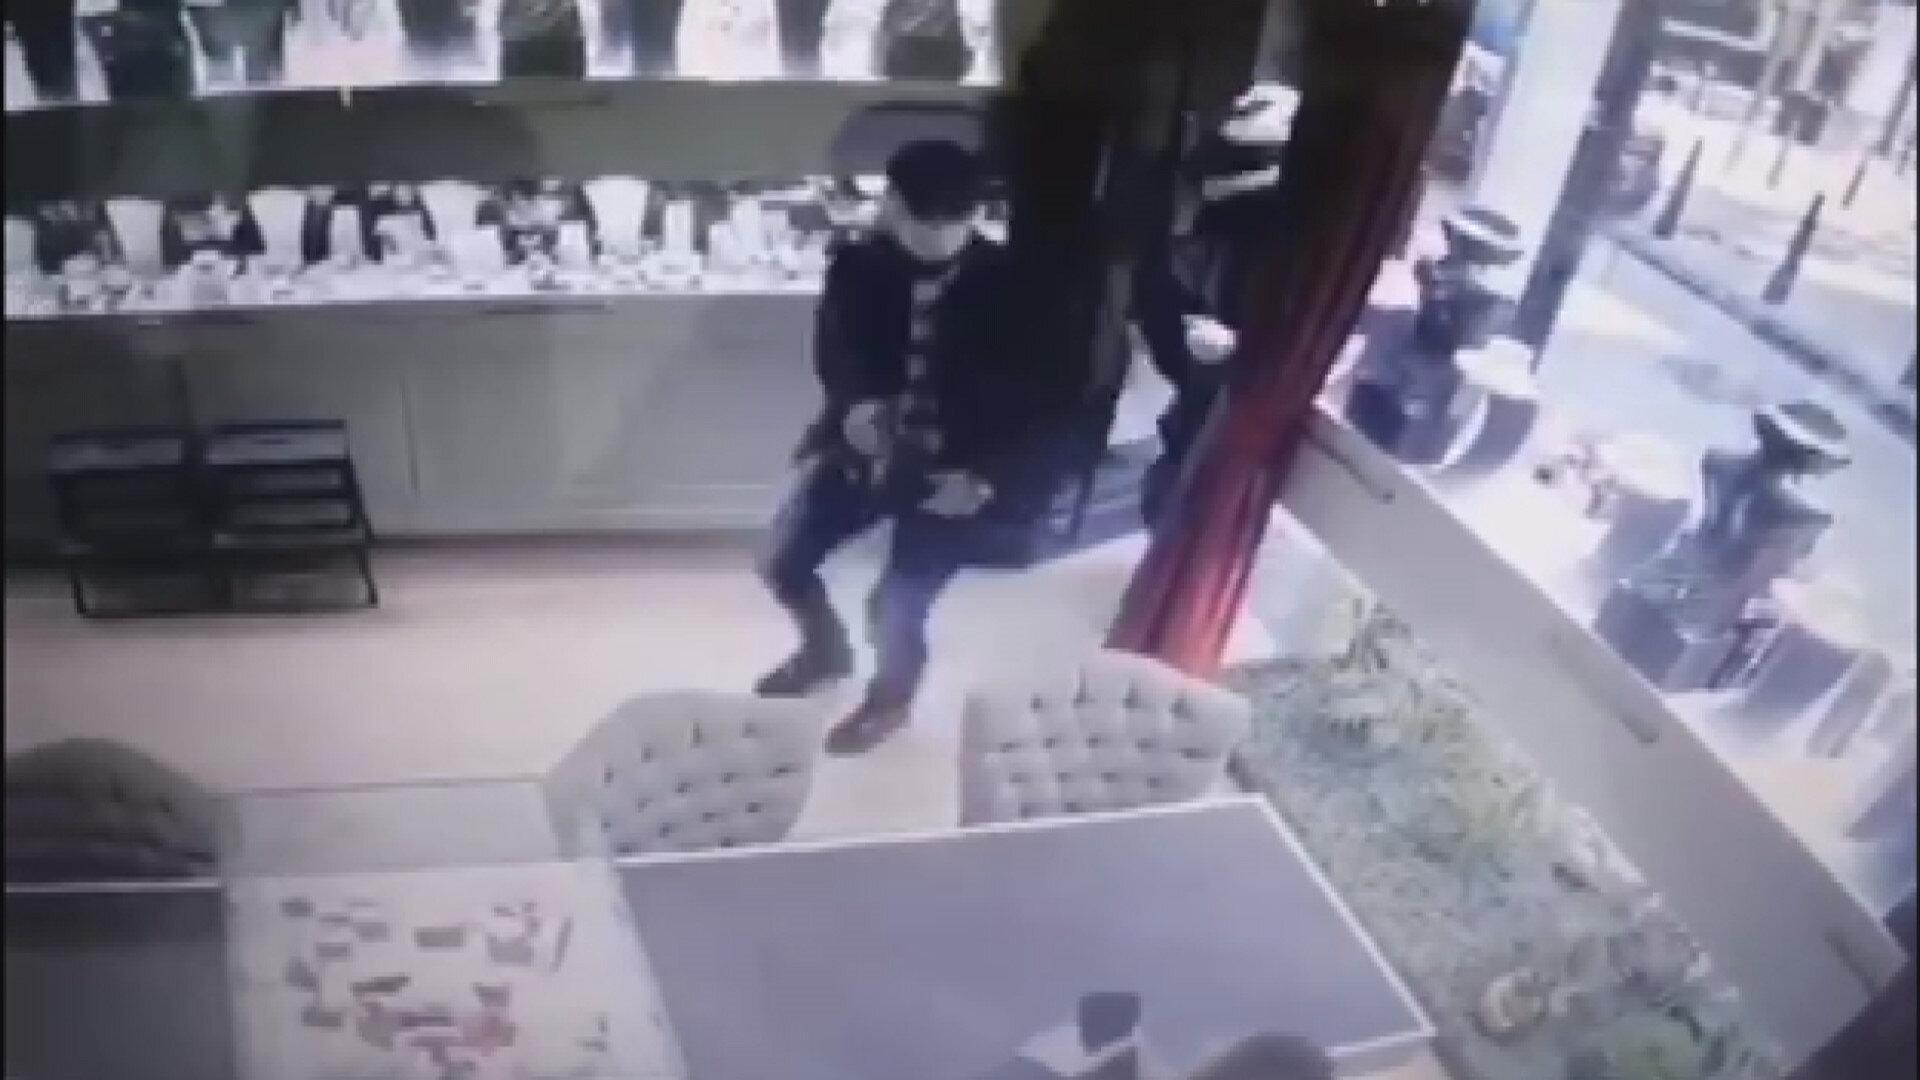 Şüpheliler mağazanın bulunduğu sokakta ellerinde silahlarla gelişi, mağazaya girişleri ve silah doğrultmaları güvenlik kameralarına yansıdı.